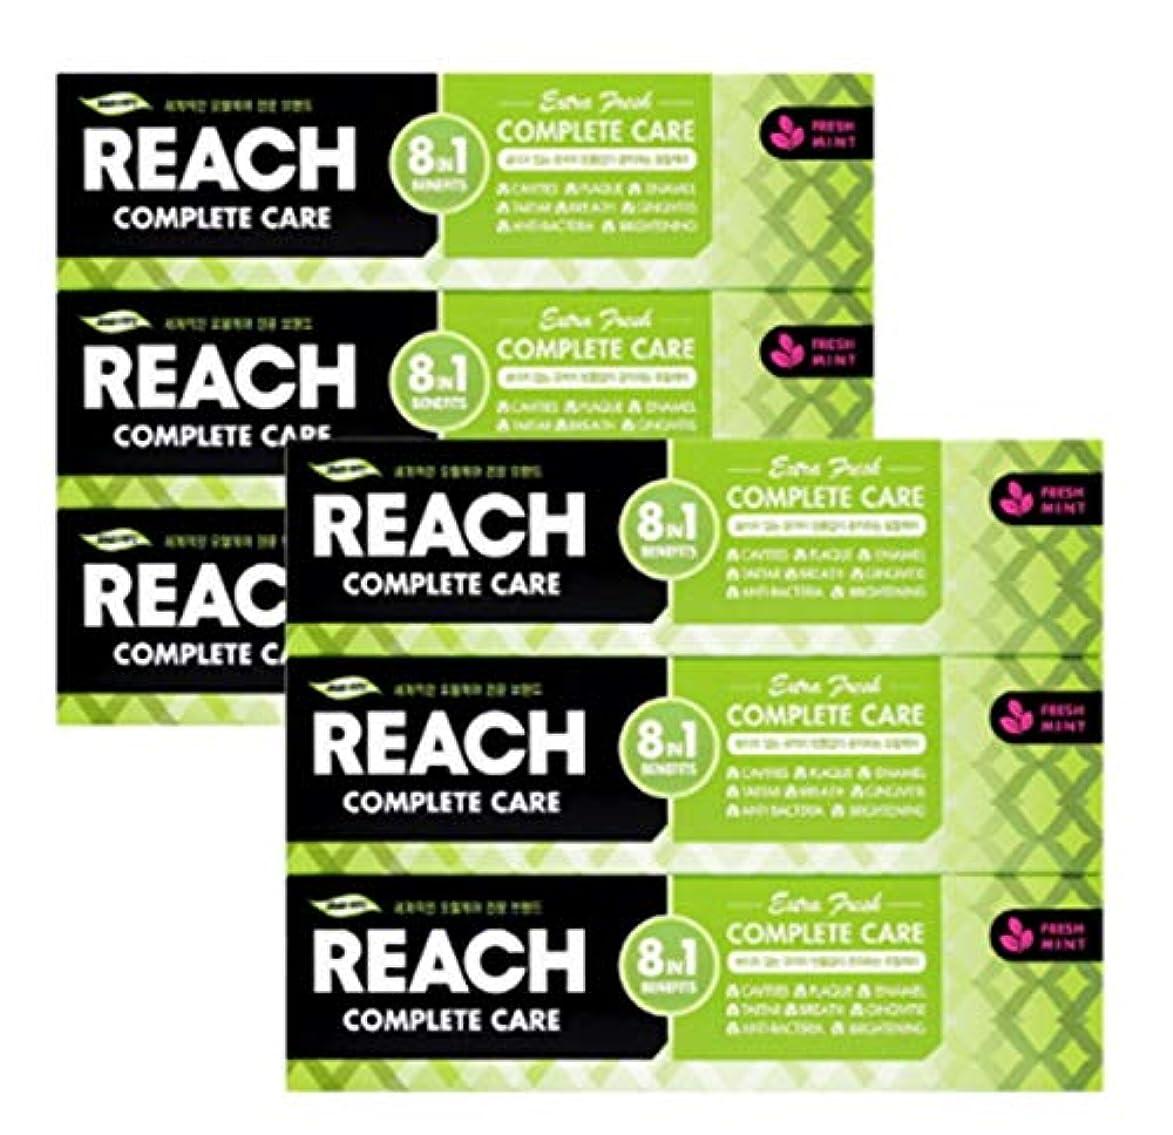 信仰疑問に思う大胆不敵[LG生活と健康] LG Rich Complete Care Toothpaste Extra Freshリッチコンプリートケア歯磨き粉エクストラフレッシュ120gx6つの(海外直送品)